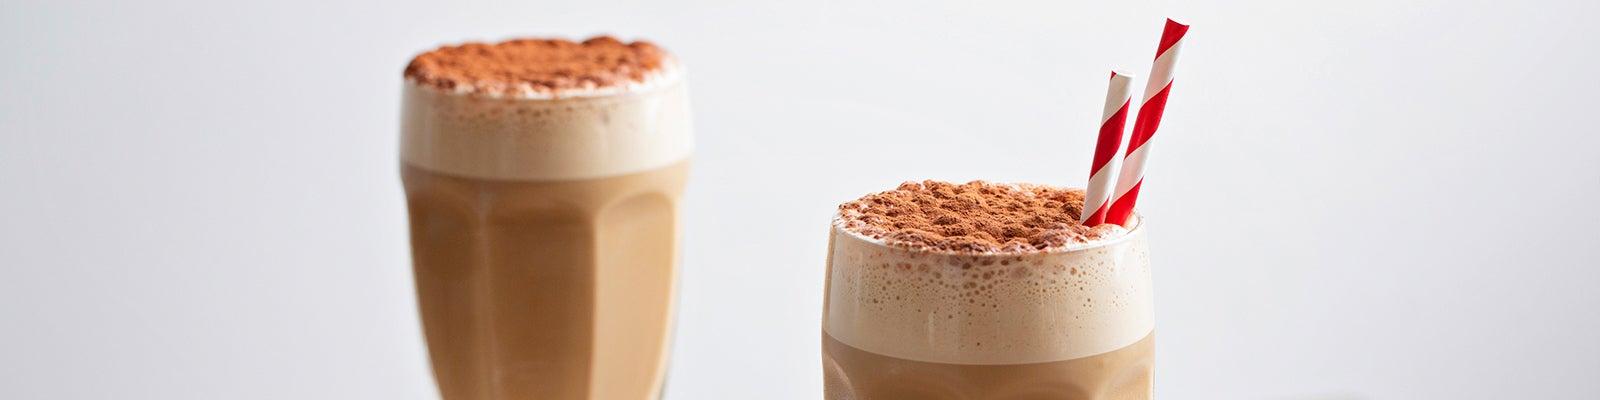 cappuccino-milkshake-recipe-header-desktop